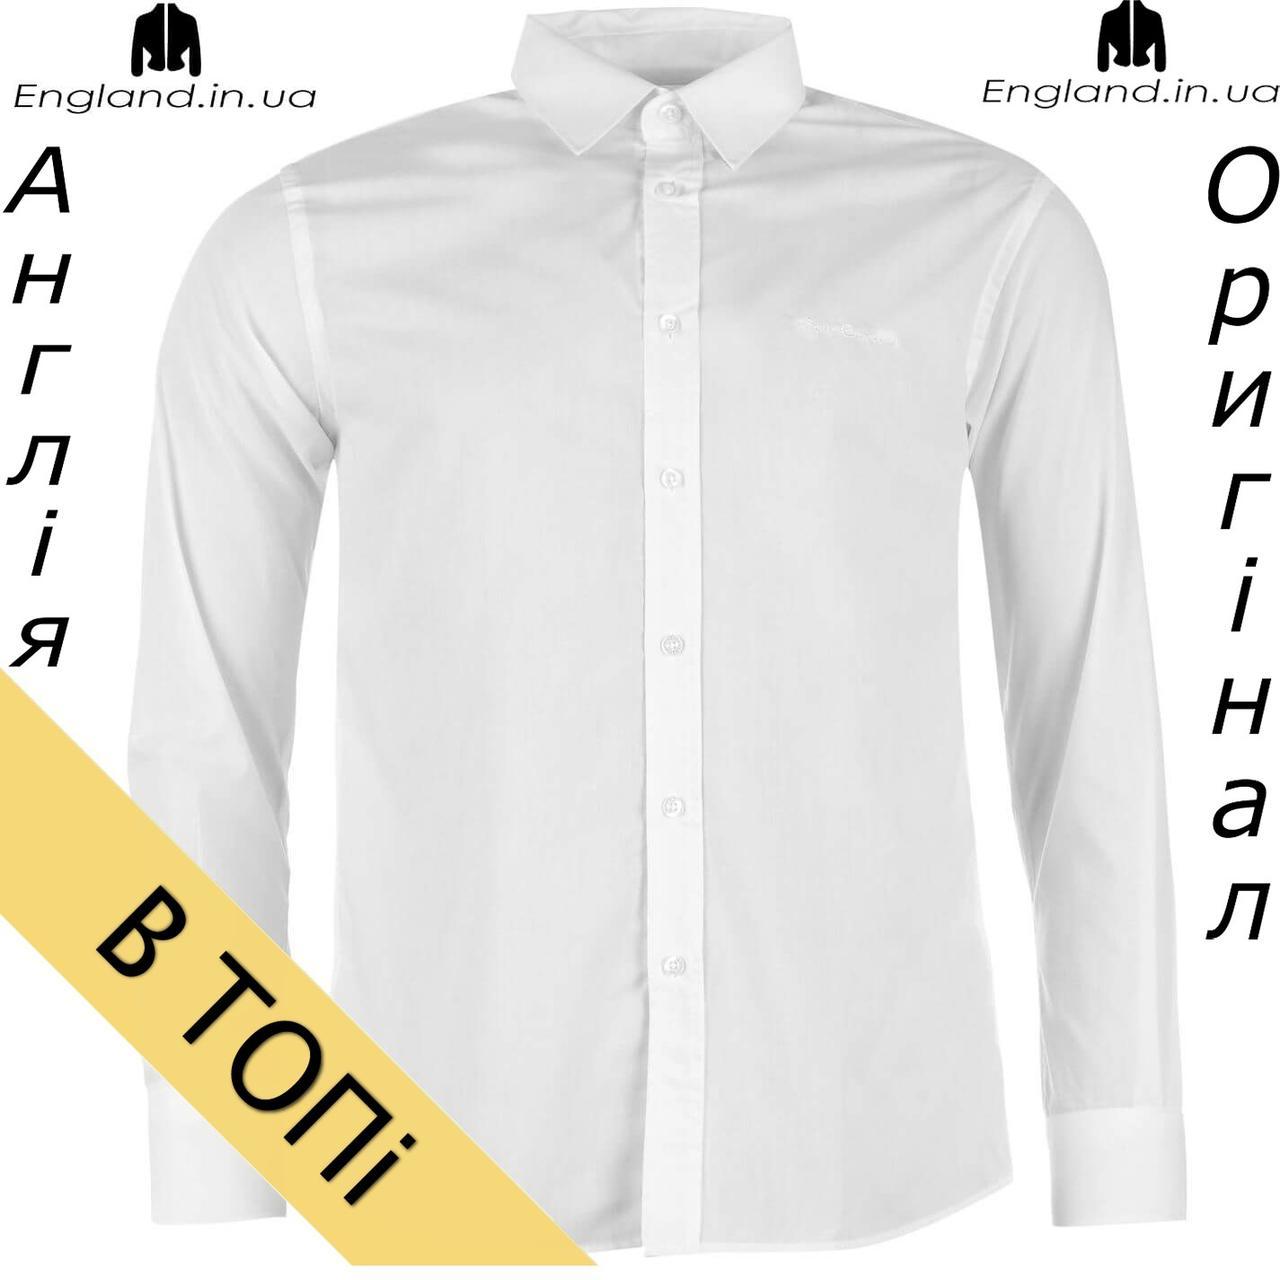 Рубашка мужская Pierre Cardin белая на длинный рукав из Англии